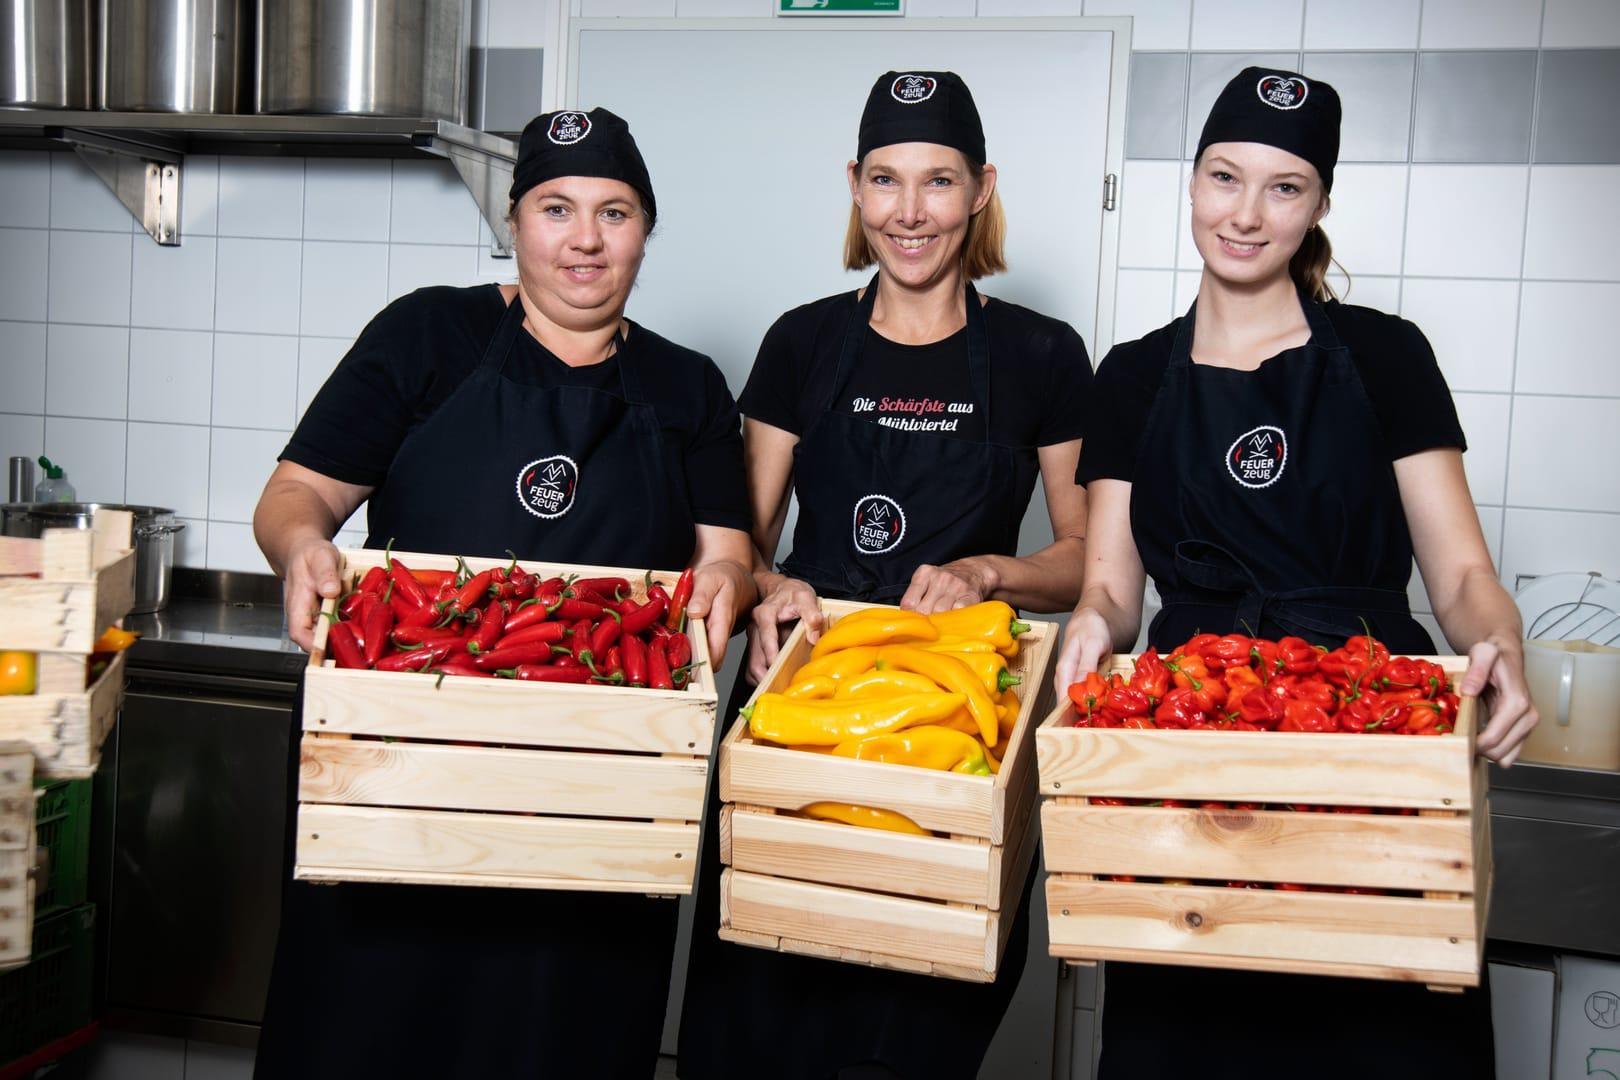 Verena, Ulrike und Katharina beim Gemüsevorbereiten